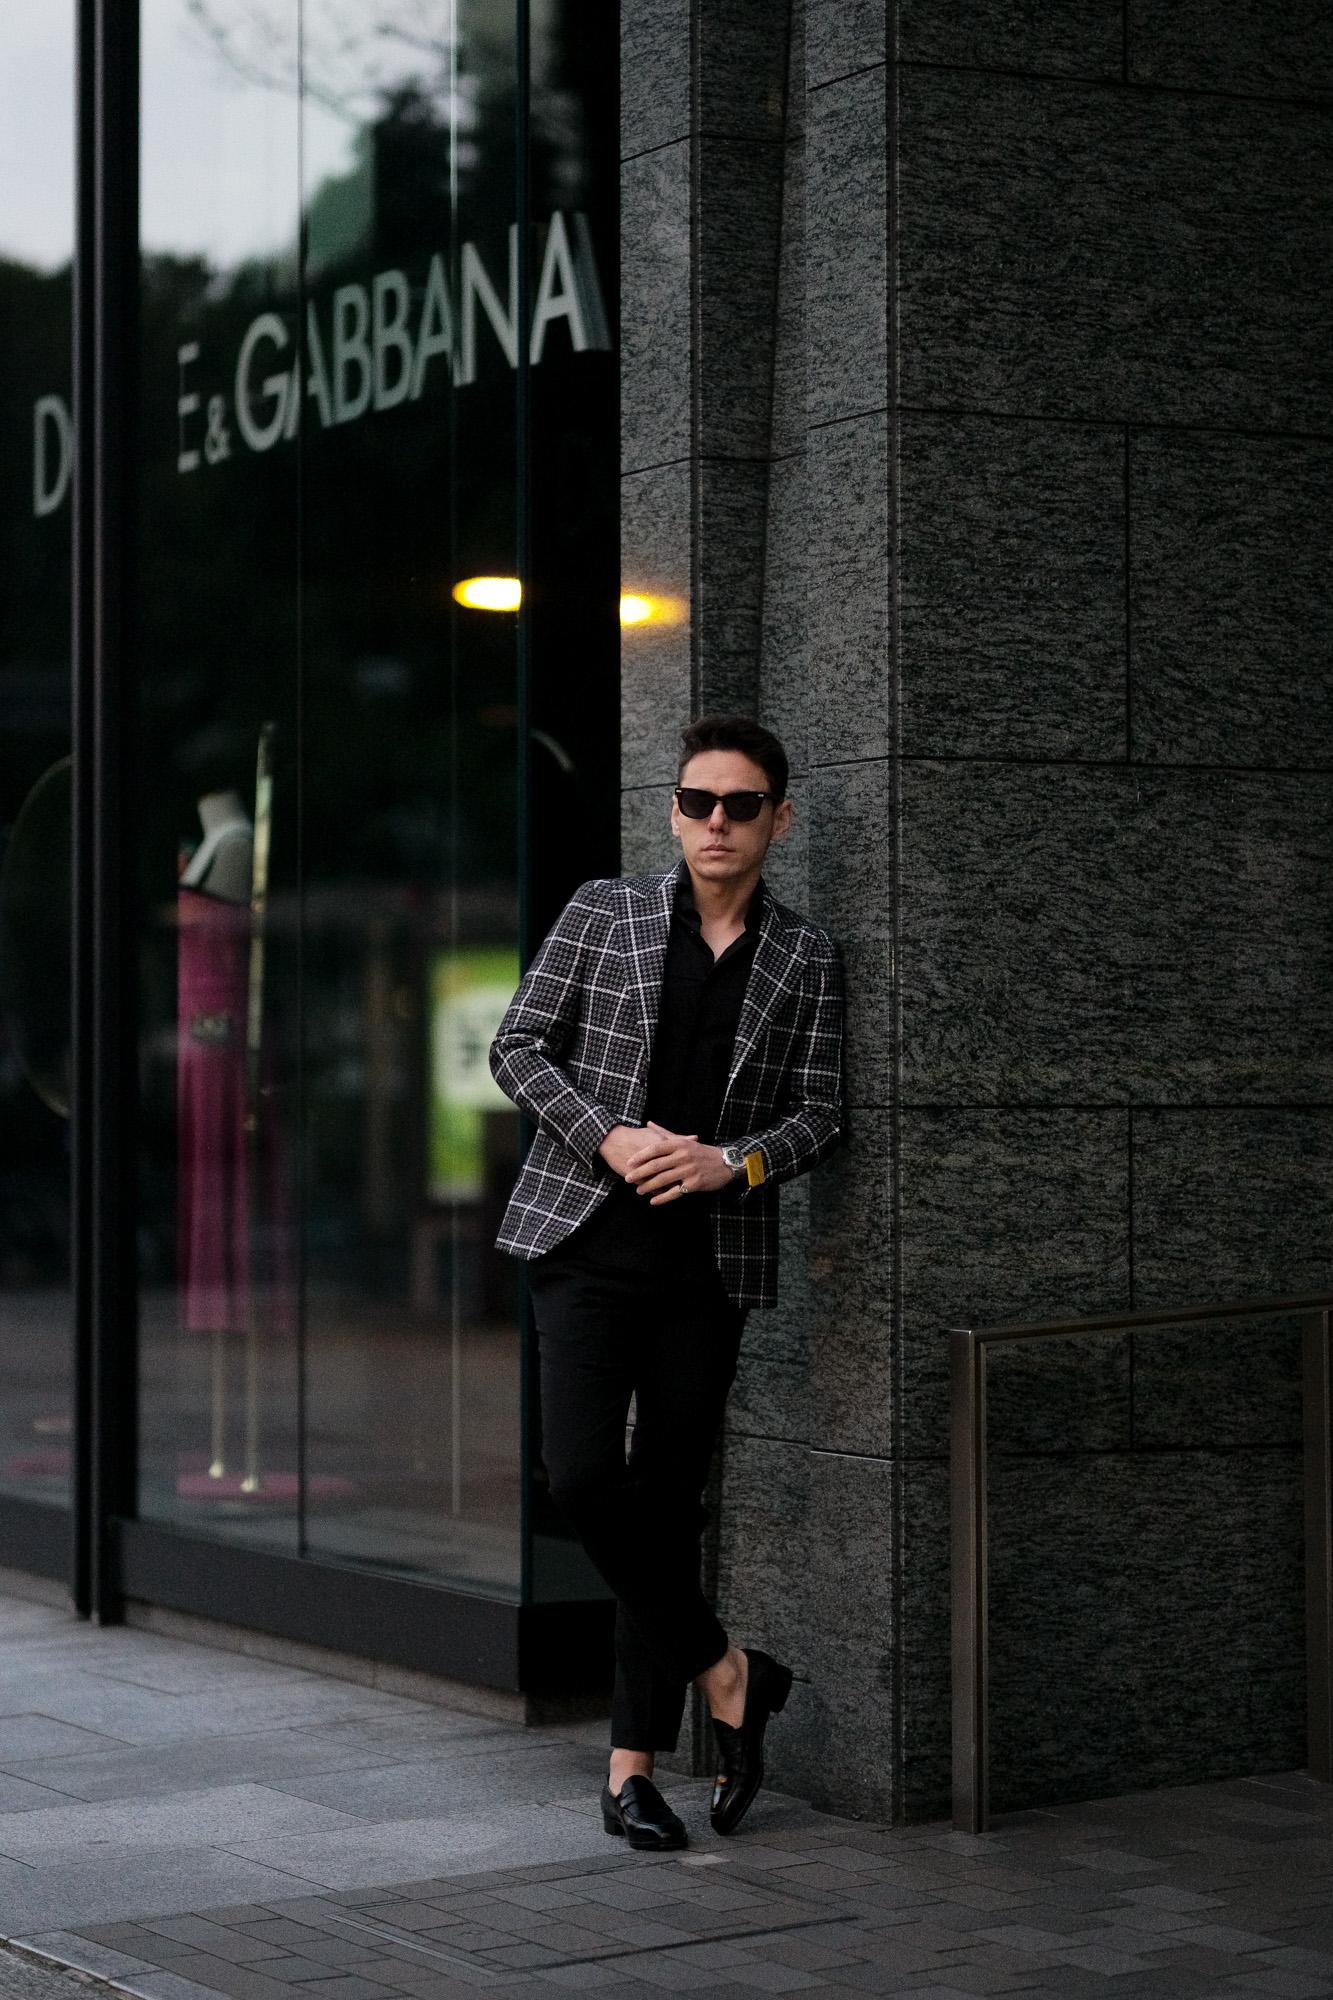 TAGLIATORE (タリアトーレ) PINO LERARIO (ピーノ レラリオ) Linen Cotton Summer Tweed Jacket リネンコットン サマーツイード チェック シングル ピークドラペル ジャケット BLACK × WHITE (ブラック×ホワイト) Made in italy (イタリア製) 2021 春夏新作 【入荷しました】【フリー分発売開始】愛知 名古屋 Alto e Diritto altoediritto アルトエデリット